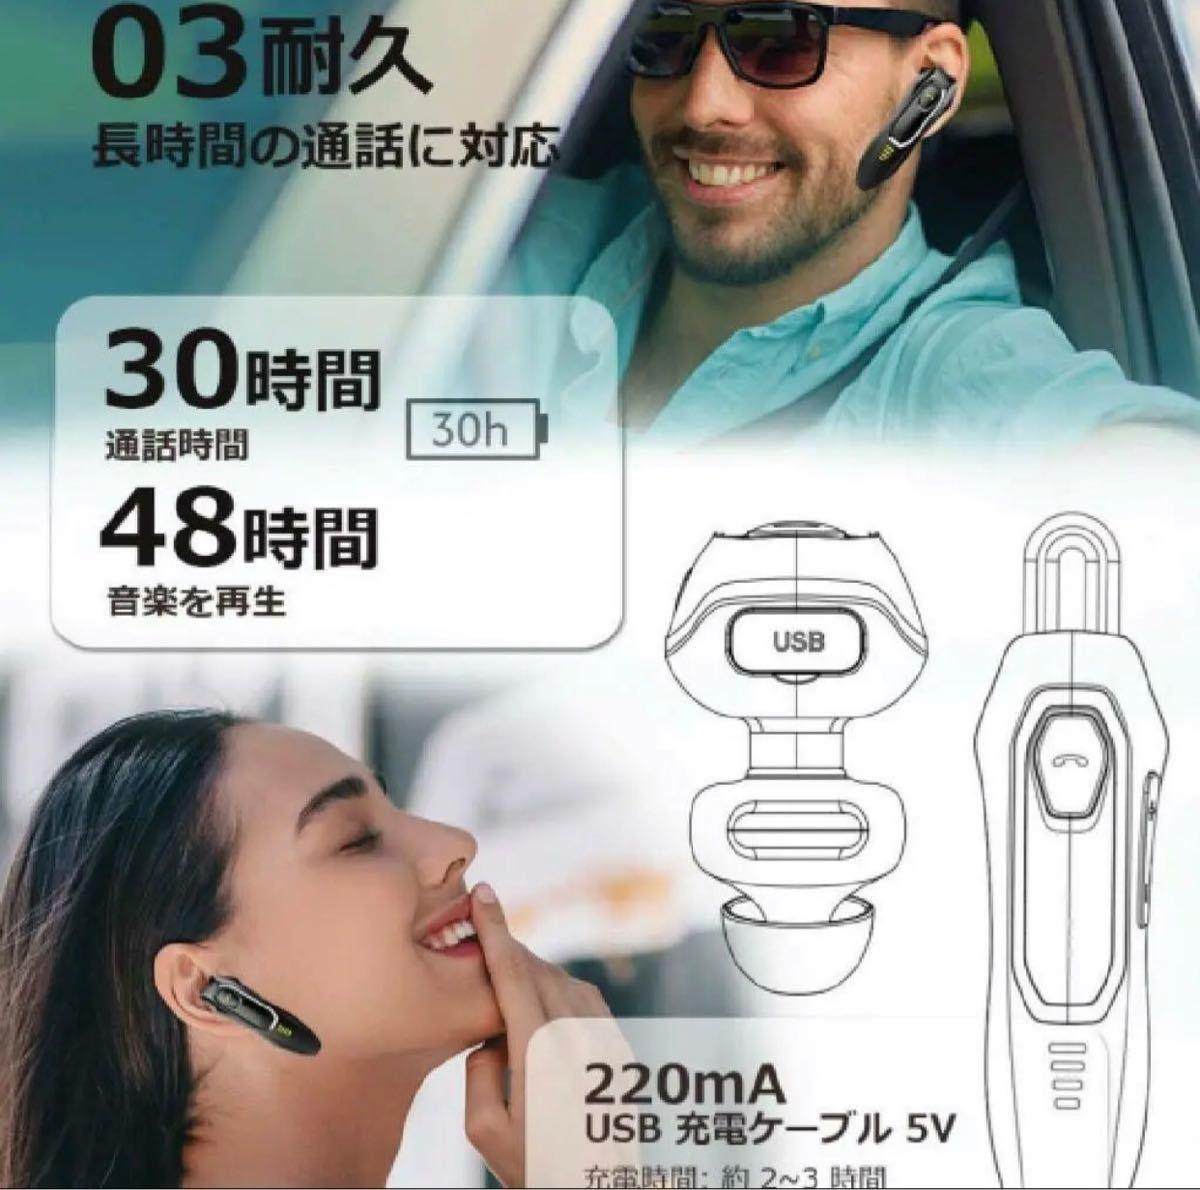 ヘッドセット Bluetooth ハンズフリー通話 ブルートゥースイヤホン 片耳 イヤホン ワイヤレスイヤホン